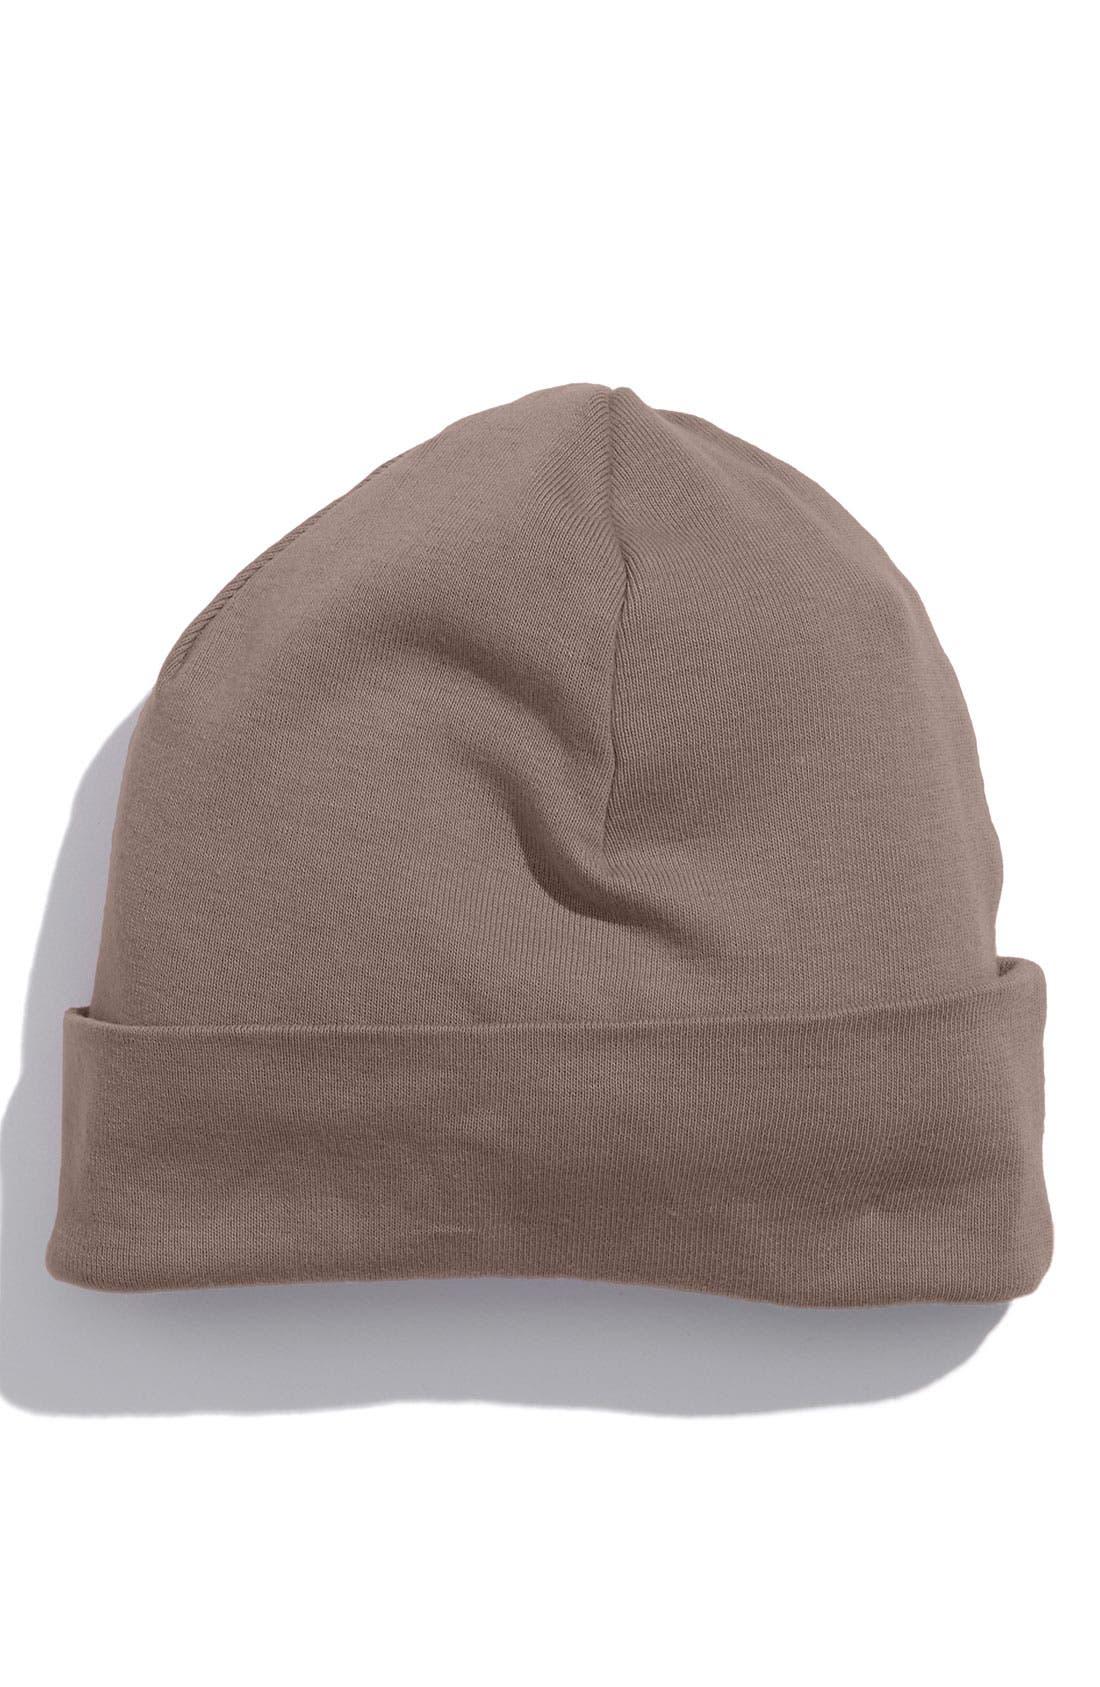 Alternate Image 1 Selected - Peek 'Little Peanut' Hat (Infant)